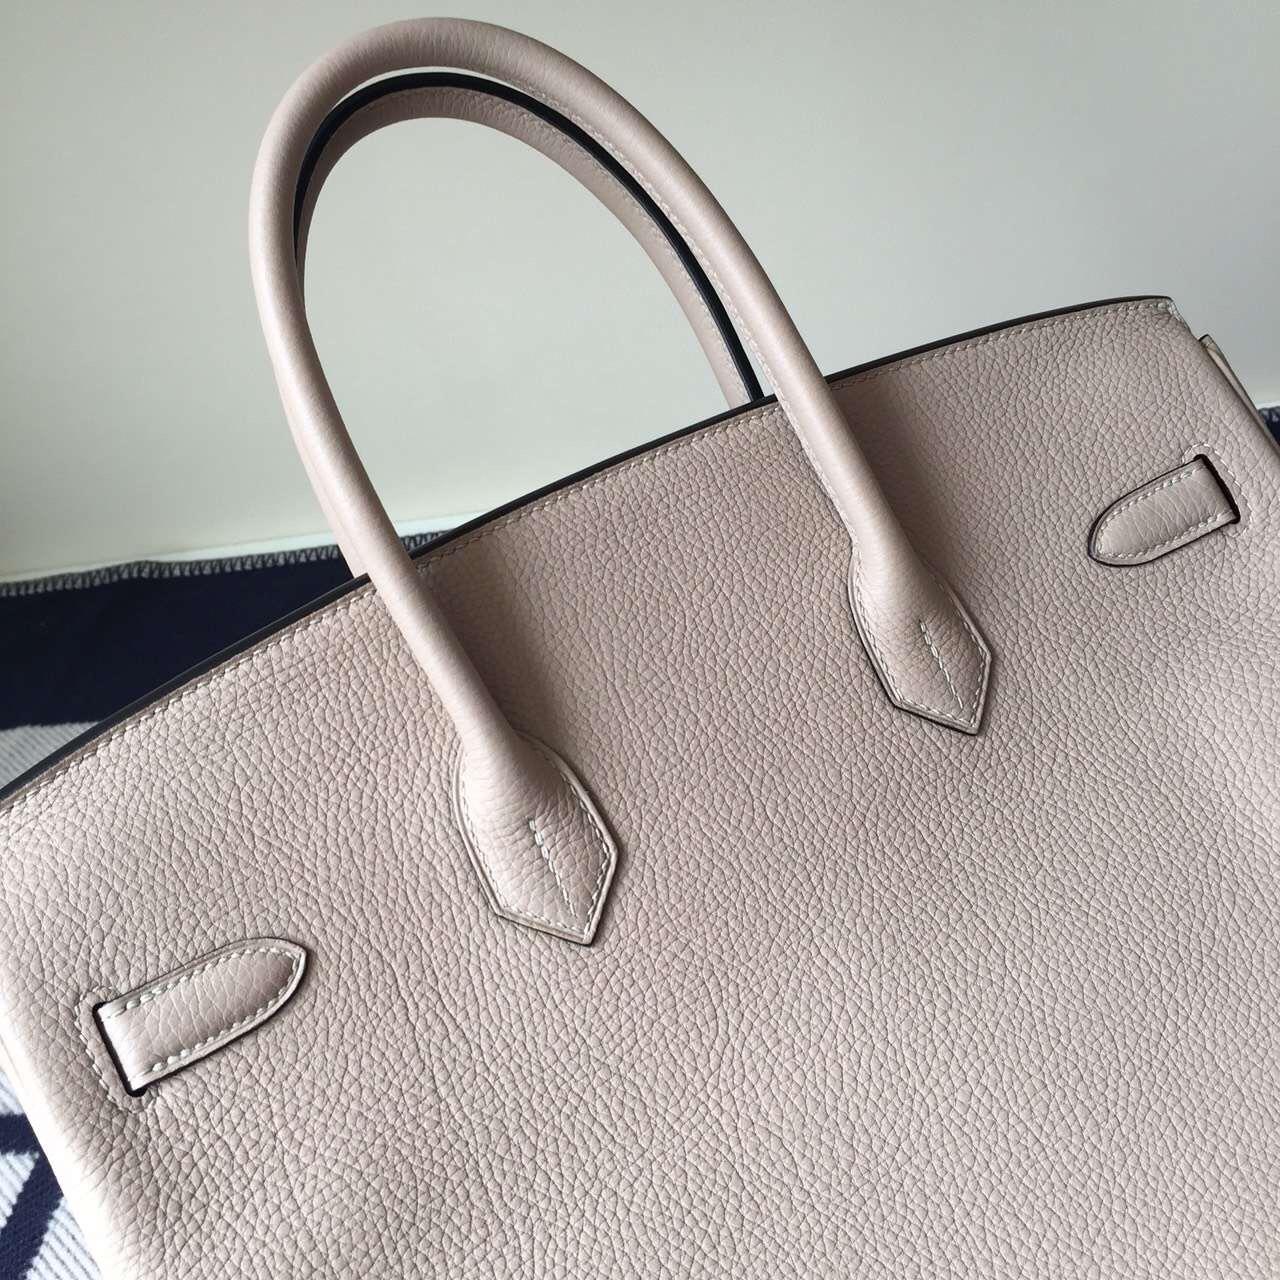 Noble Hermes Bag Gris Tourterelle Togo Leather Birkin Bag 35cm